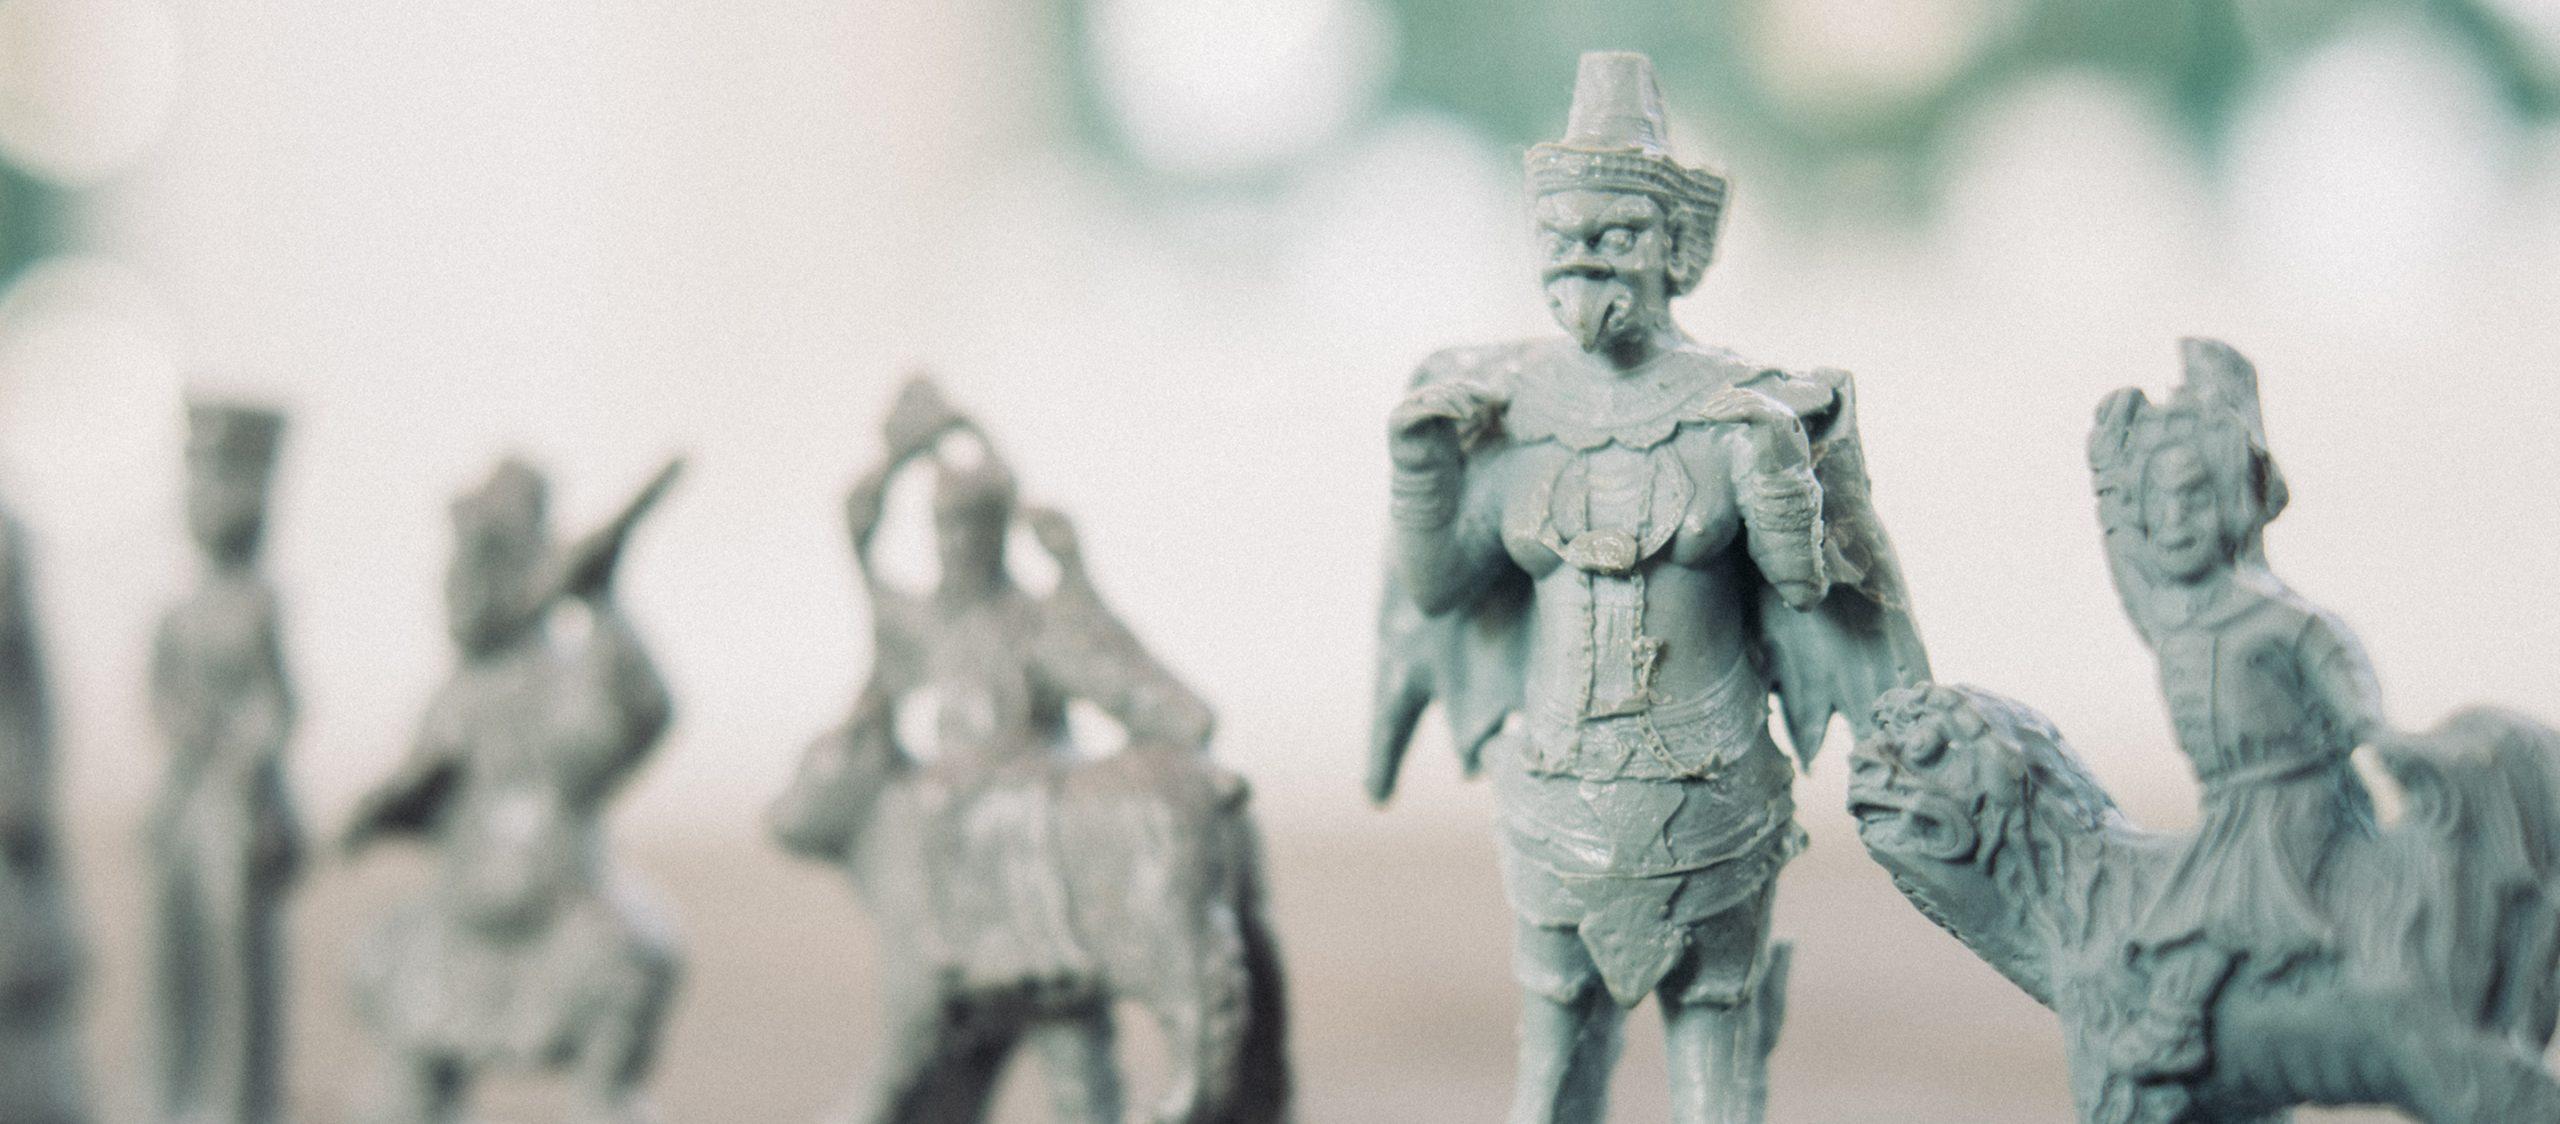 กาชาปองอับเฉา : ของเล่นที่ทำให้ประวัติศาสตร์ไม่ใช่เรื่องอับเฉาอีกต่อไป